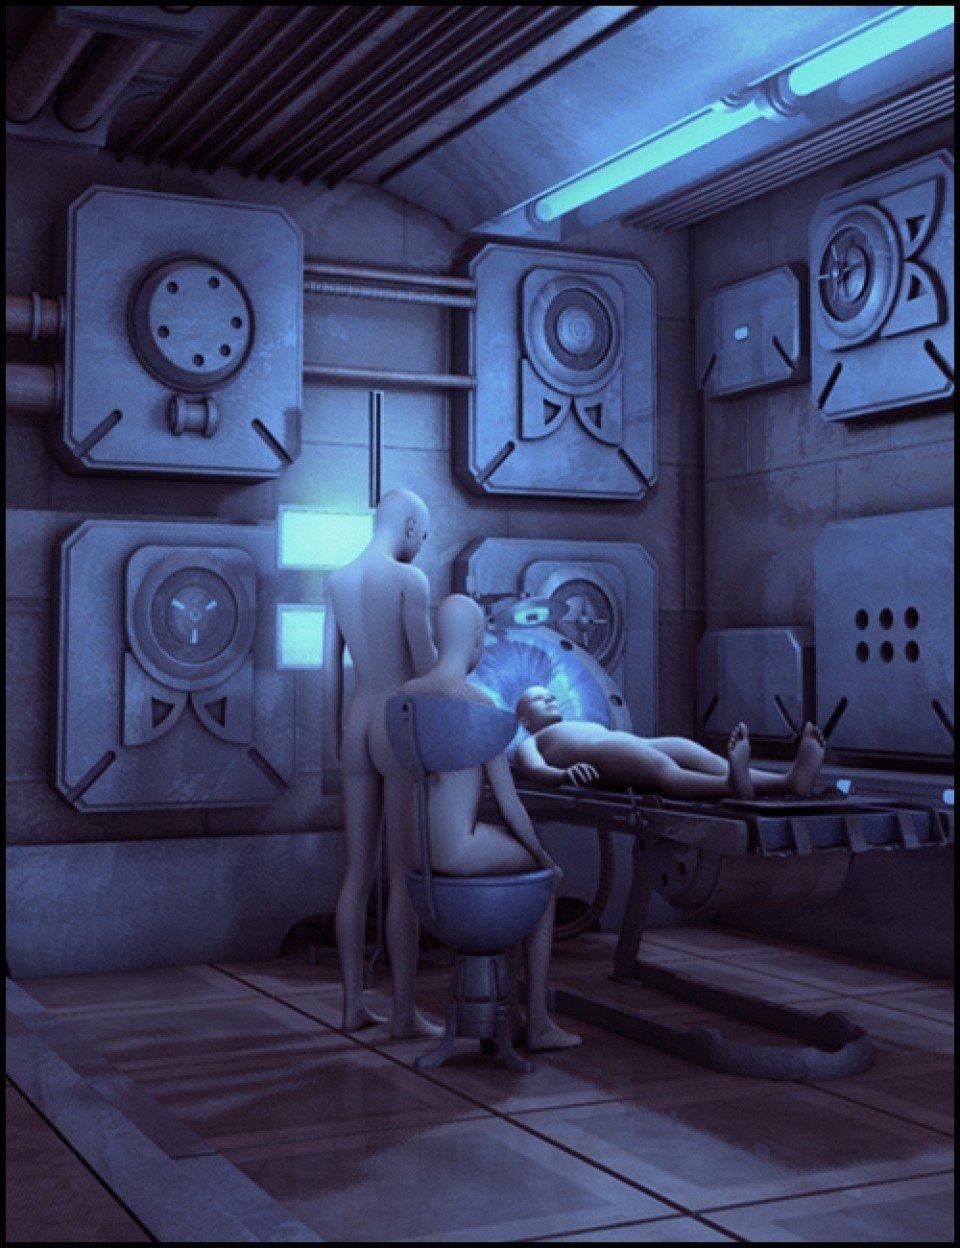 SciFi Interior_DAZ3D下载站